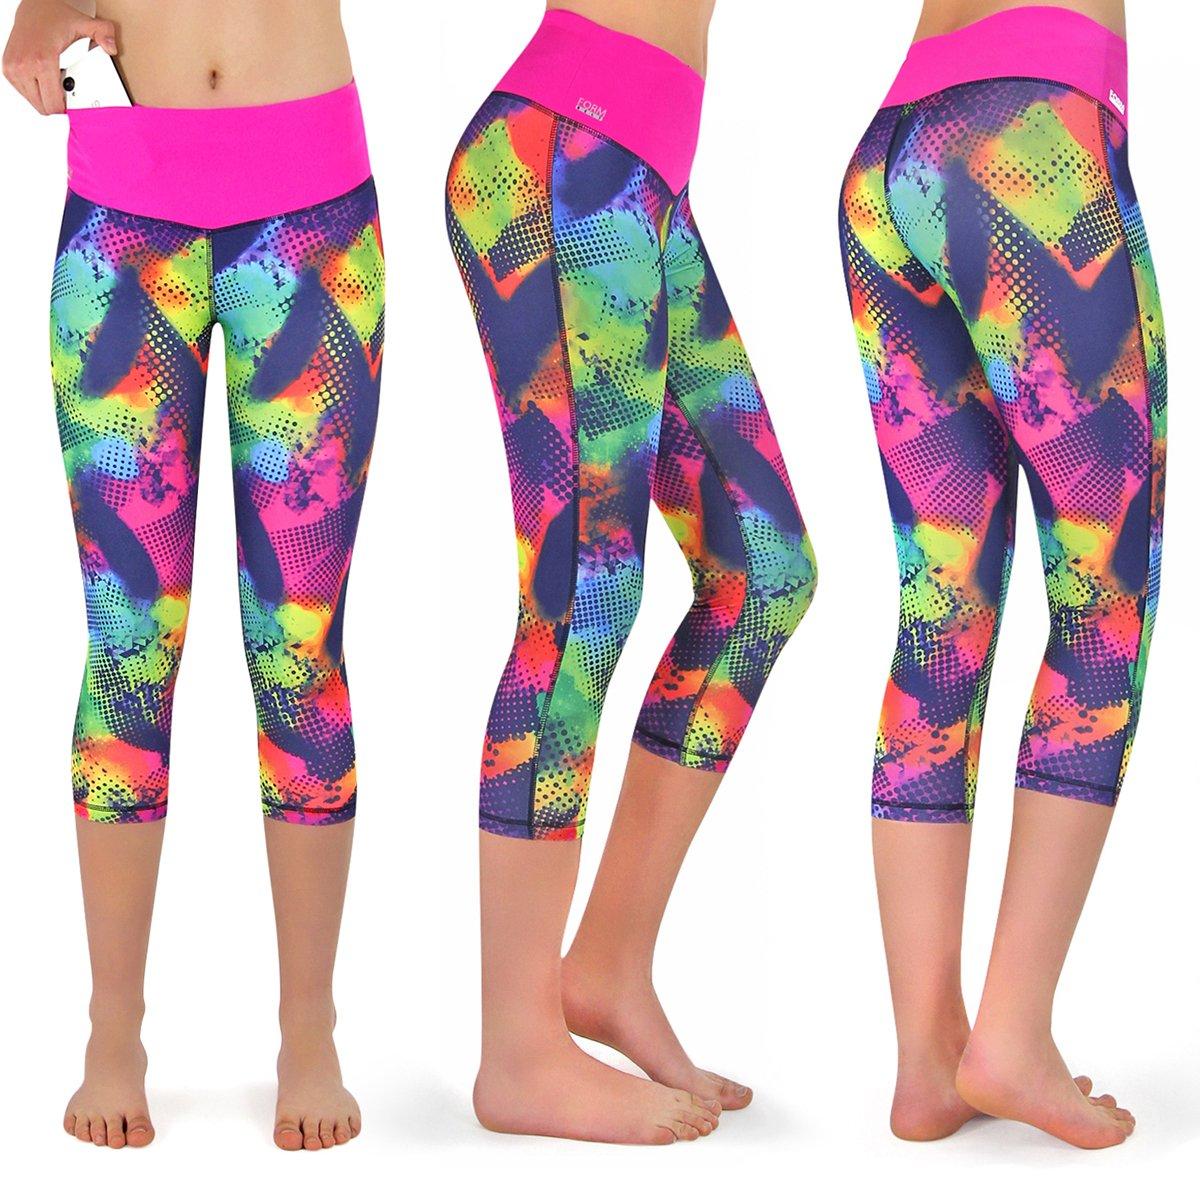 Laufhose Damen capri Leggings, Farbe: brazil